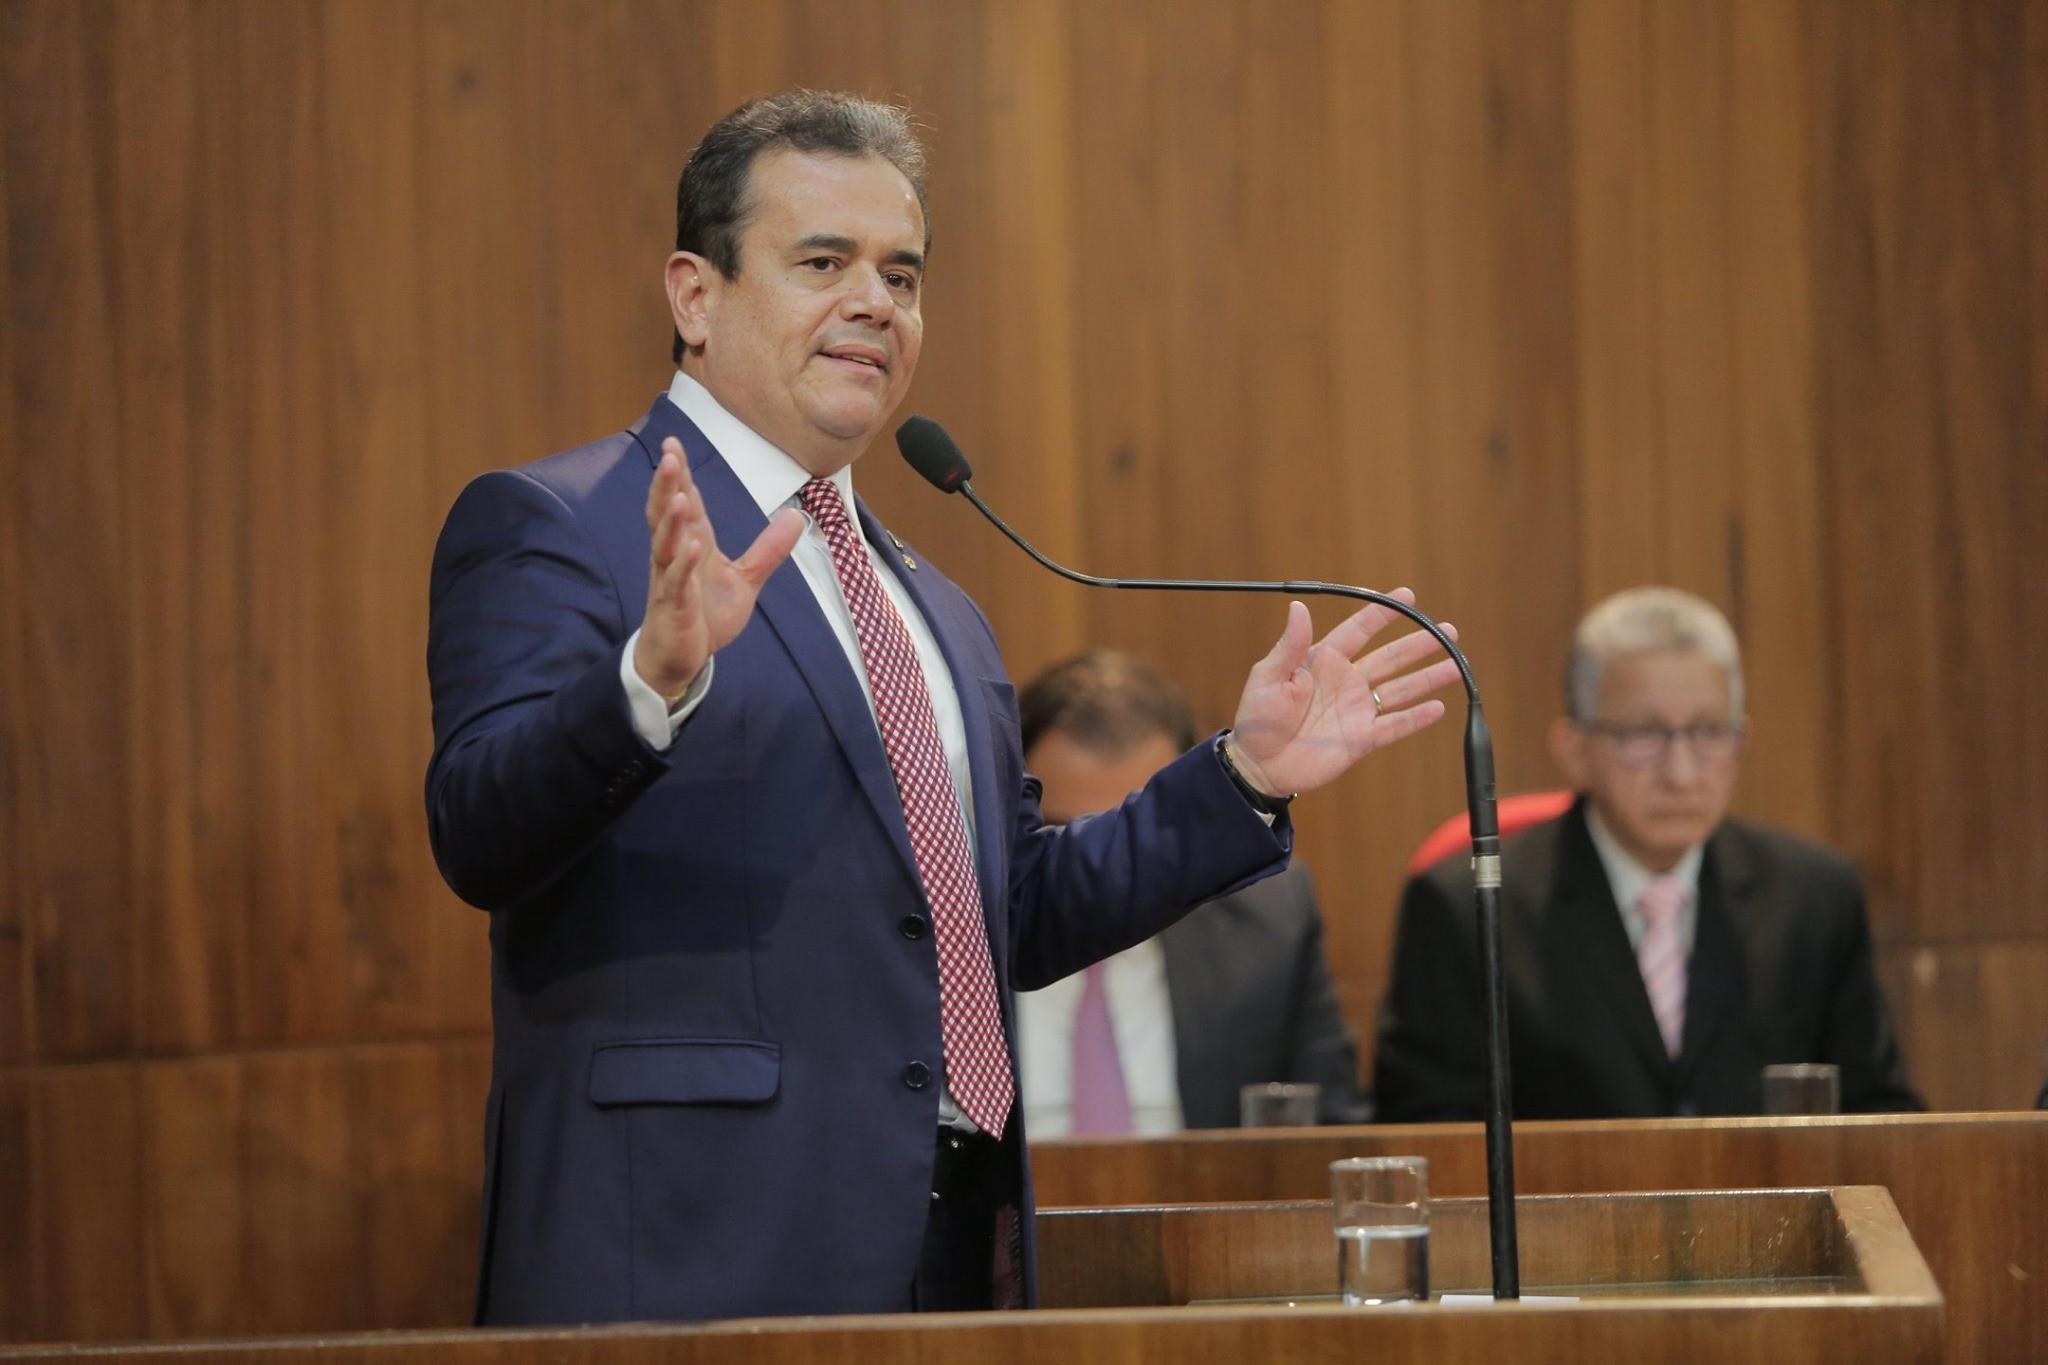 Deputado estadual Henrique Pires é internado com 25% dos pulmões comprometidos pela Covid-19